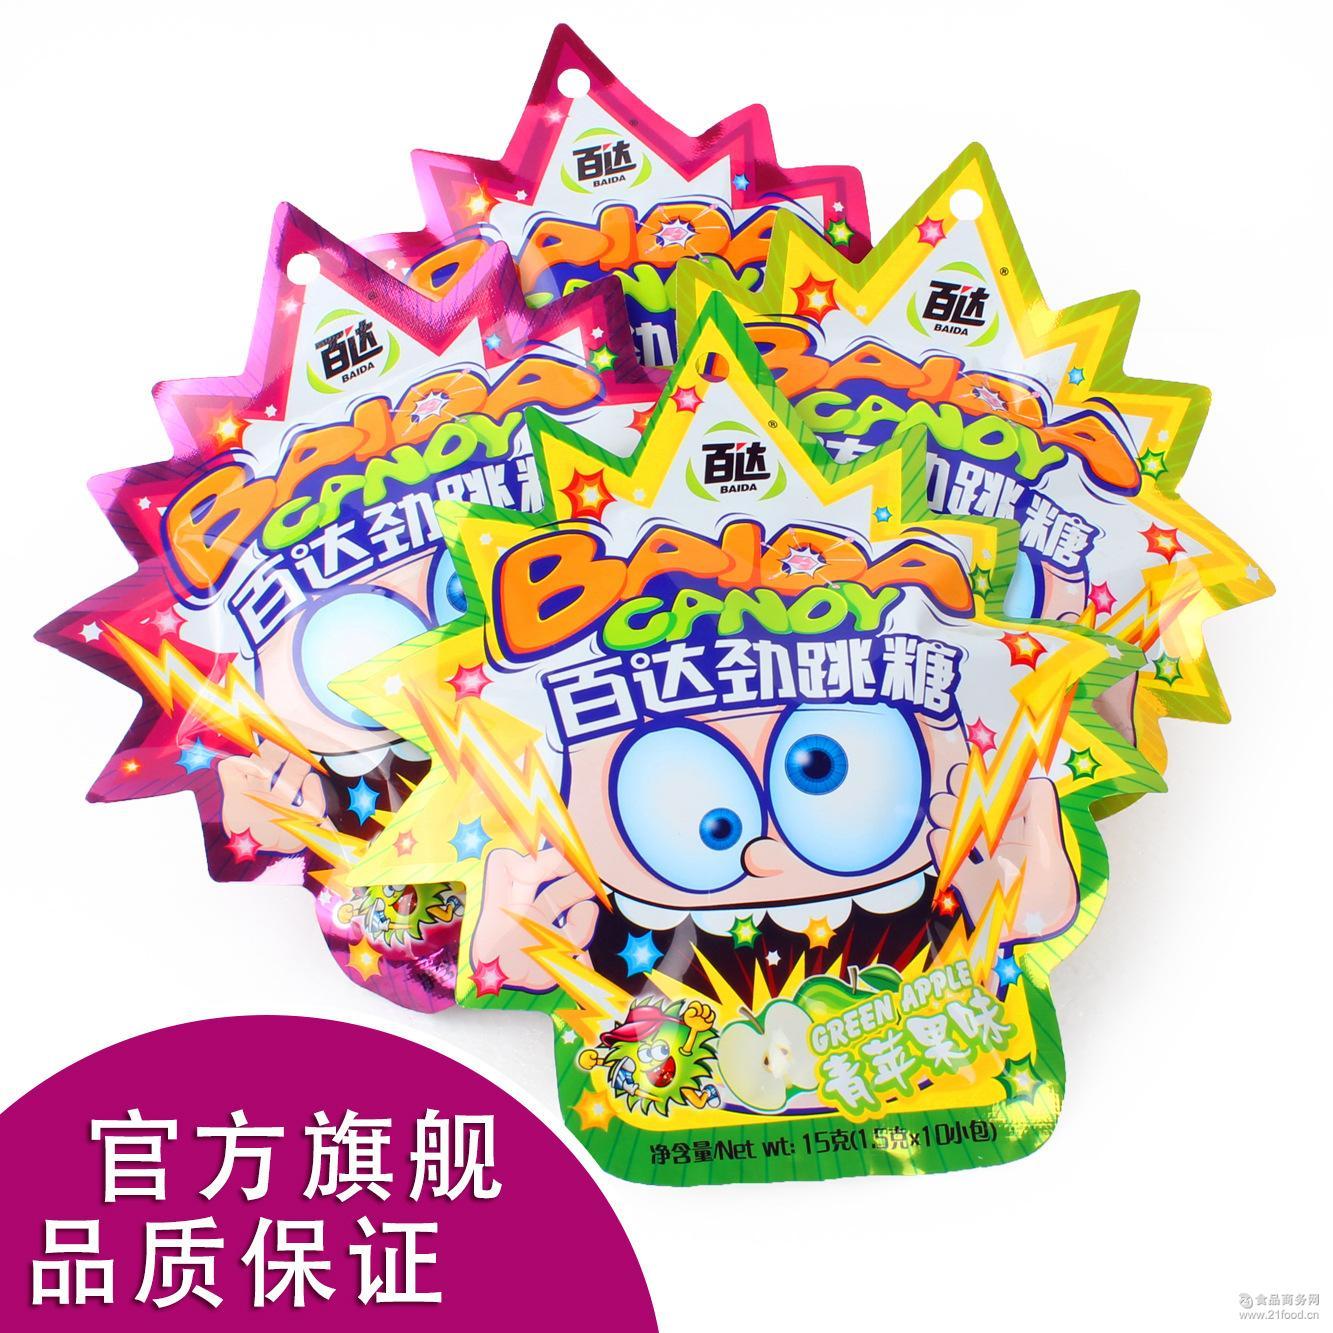 百达80后怀旧零食跳跳糖15g爆炸包独立触电糖食品水果味糖果情趣的身体词语代表情趣图片